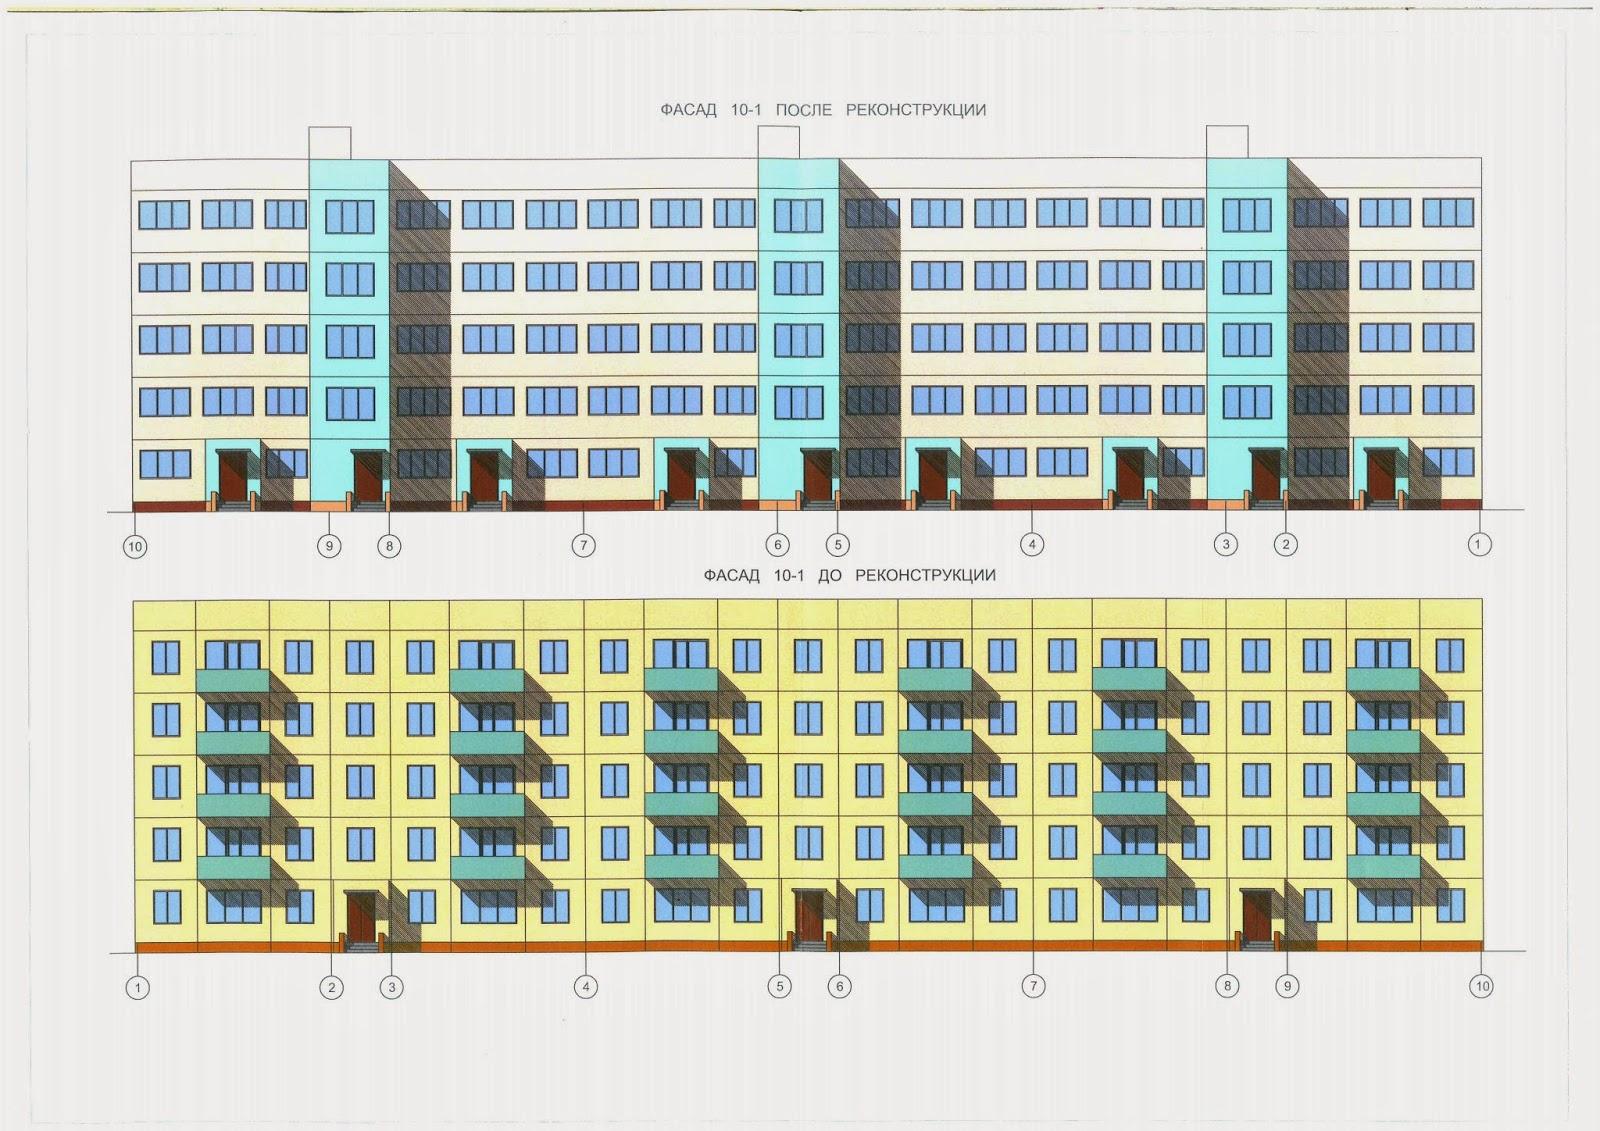 СООБЩЕСТВО ПГС  КУРСОВАЯ Реконструкция жилого здания